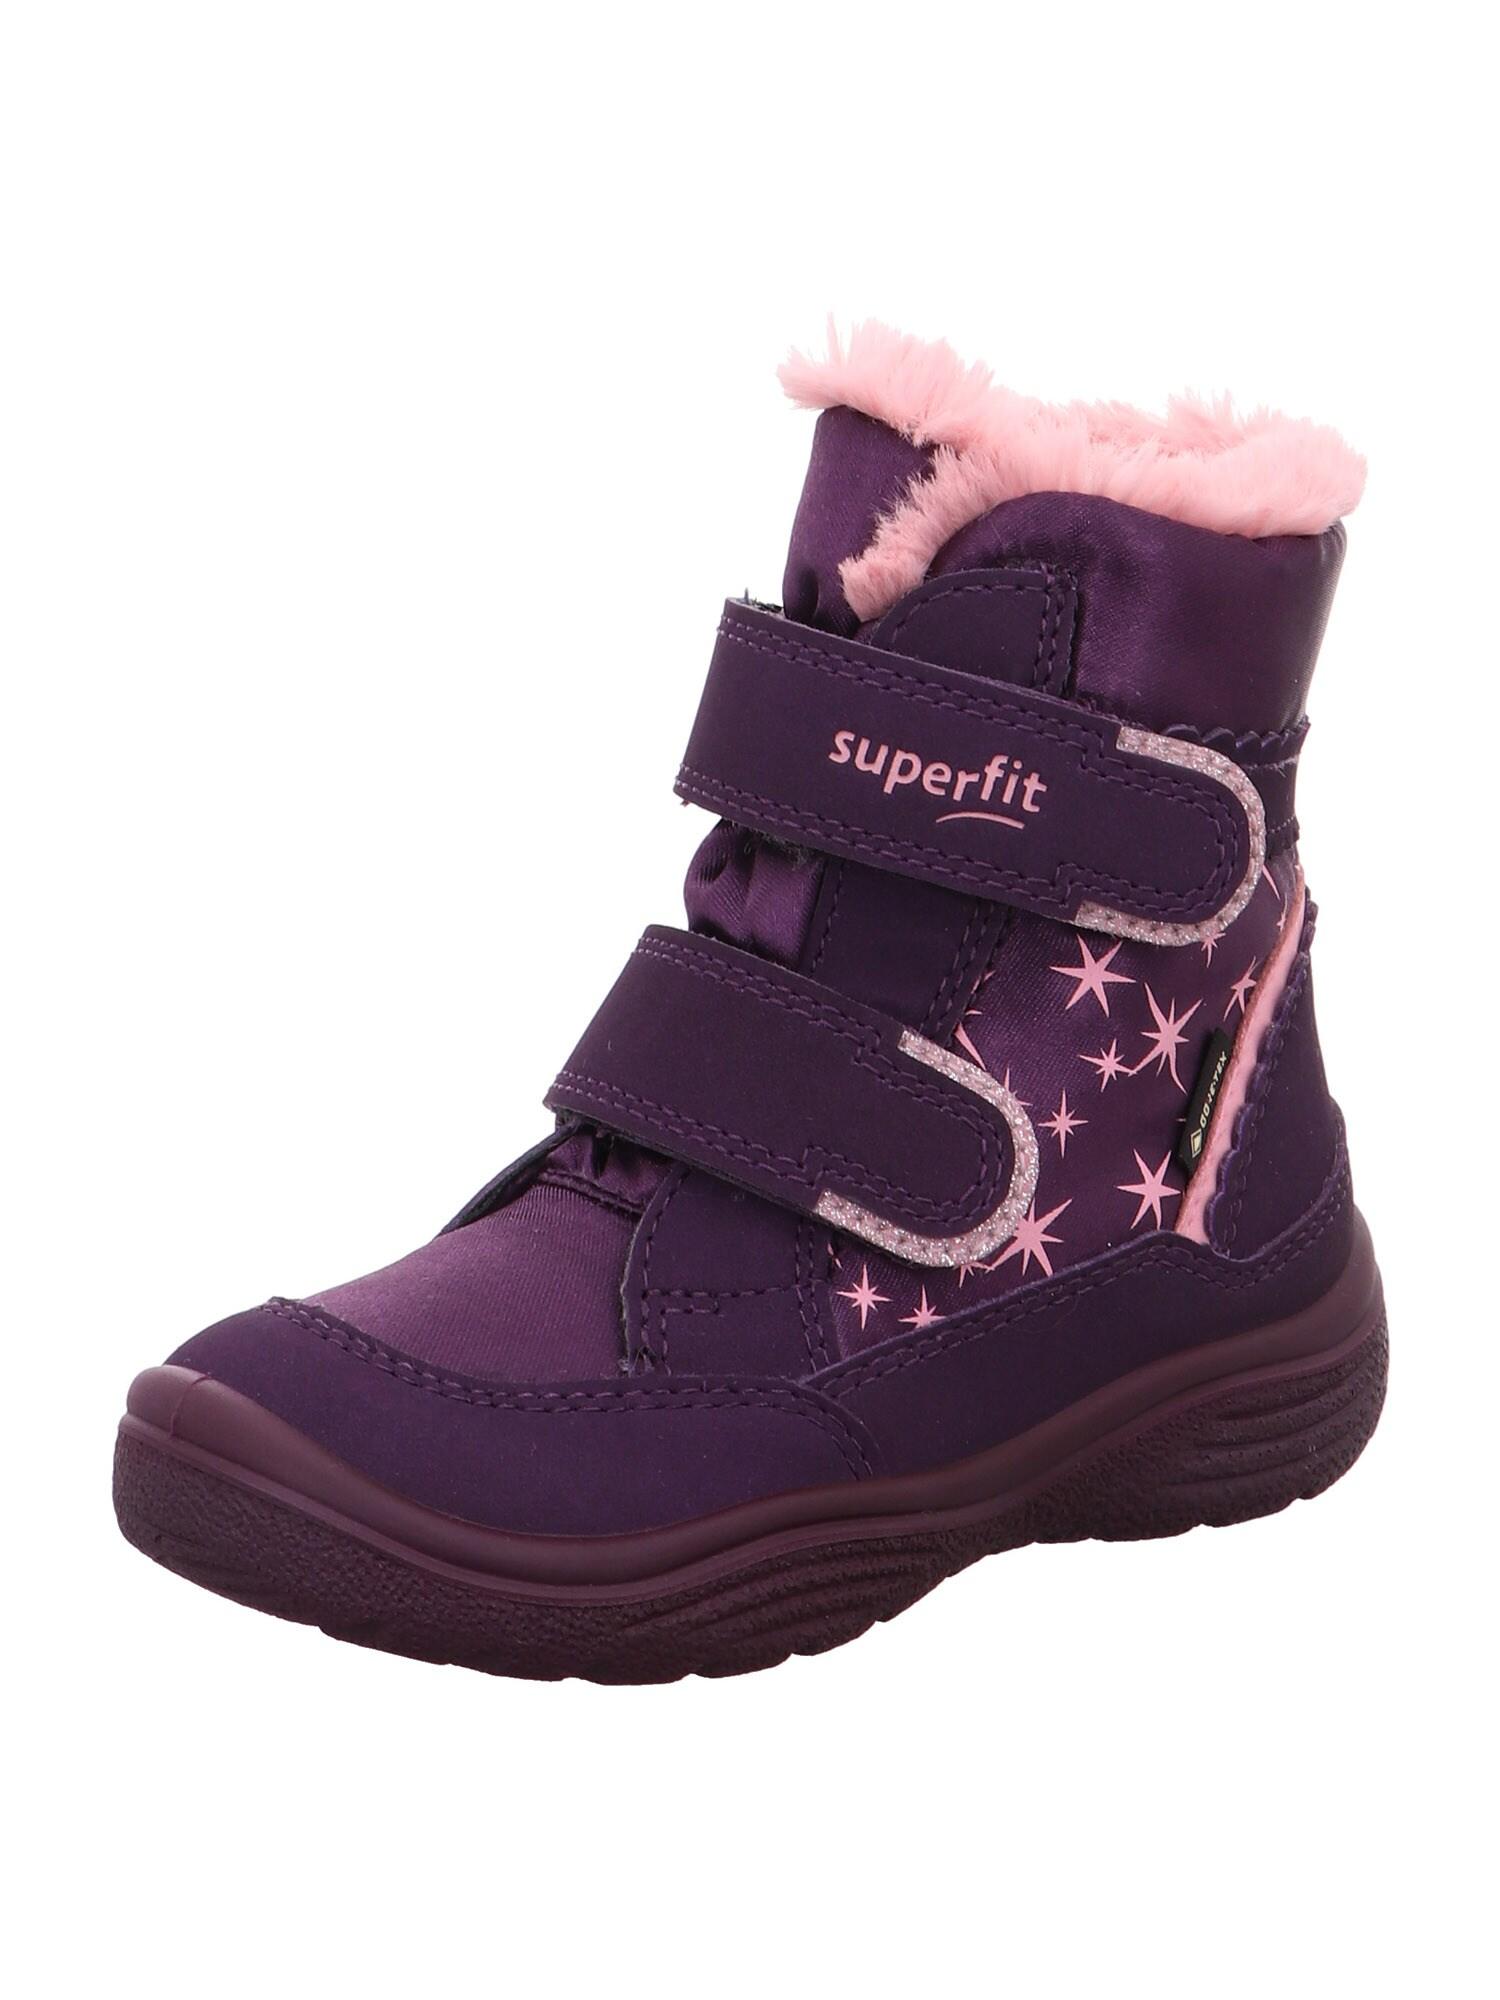 SUPERFIT Auliniai batai su kulniuku 'CRYSTAL' rožių spalva / purpurinė